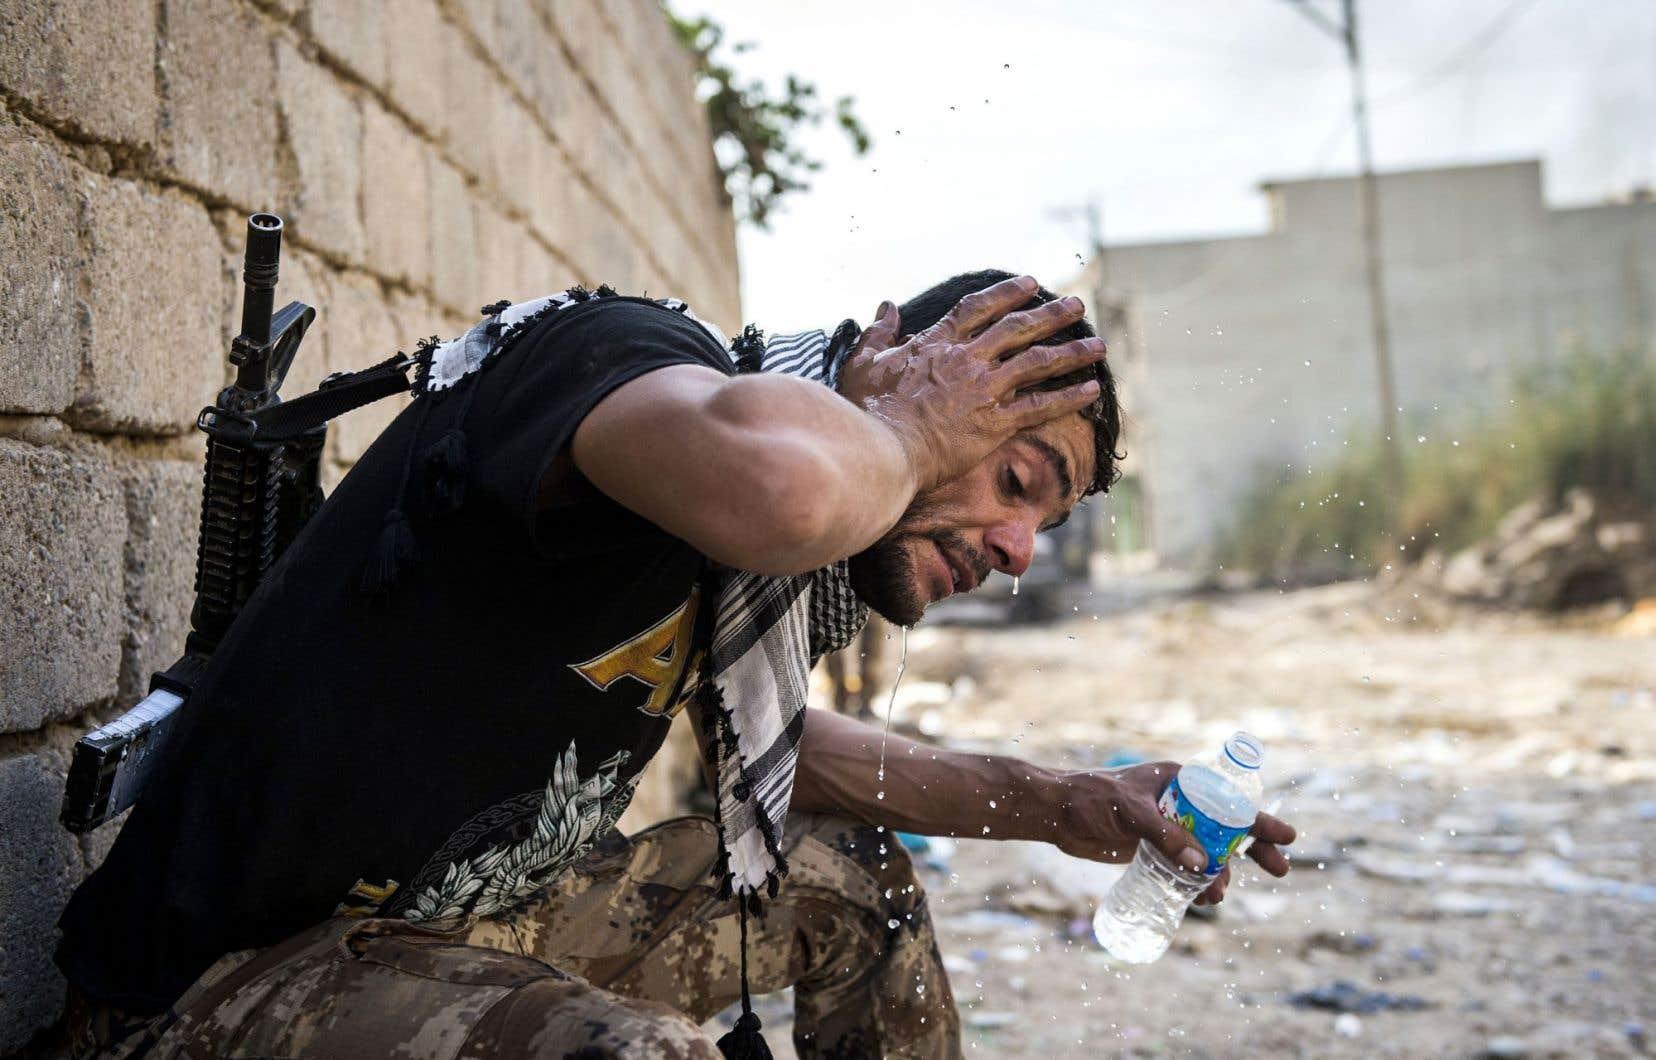 Un soldat des forces spéciales irakiennes fait une pause pendant l'assaut contre les quartiers de Mossoul occupés par les djihadistes du groupe EI.